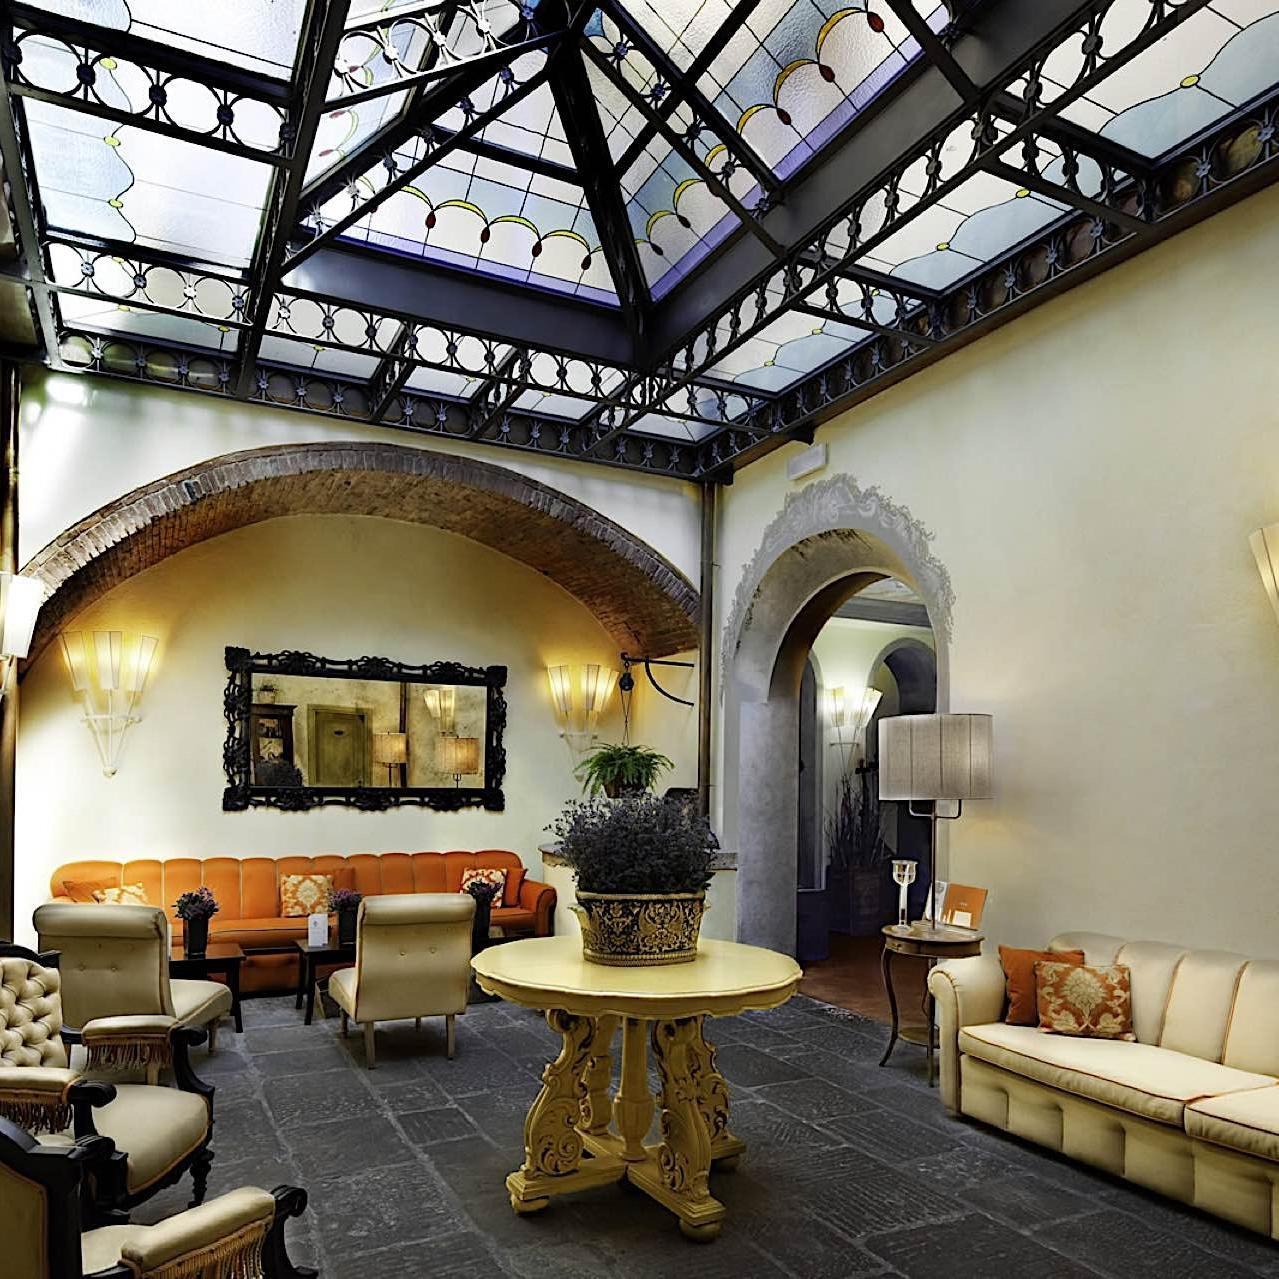 Hall | Palazzo Mannaioni Toscana